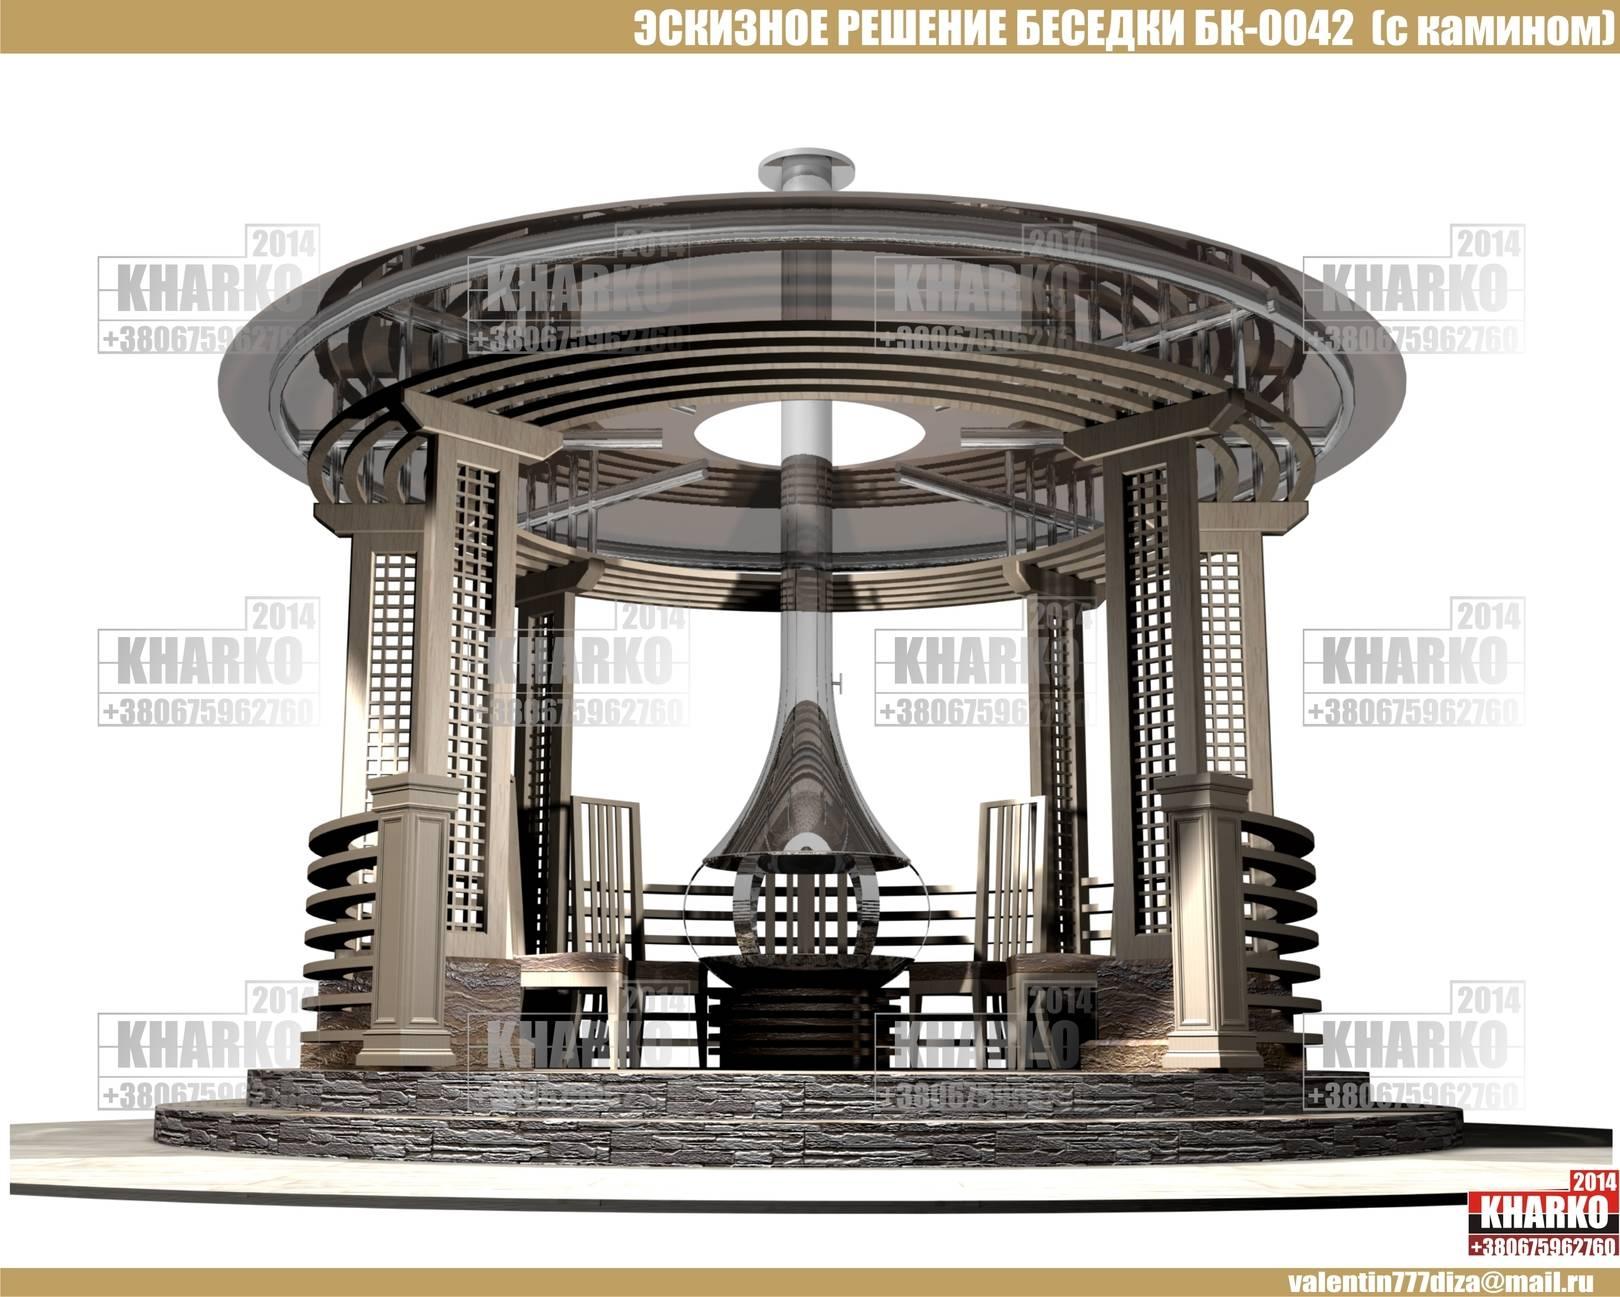 проект беседки БК-0041 (с барбекю),project pergola, gazebo, shed  общая площадь беседки- 9,8 м. кв. эксплуатируемая площадь беседки-9,2 м.кв. габаритные размеры - 3,4 м. на 3,4 м. тип фундамента-монолитный ж/б материал наружной стены и опор-кирпич, бетон,дерево тип кровли-битумная черепица Наружная отделка цоколя -декоративный камень Стоимость проекта- 1500 грн.